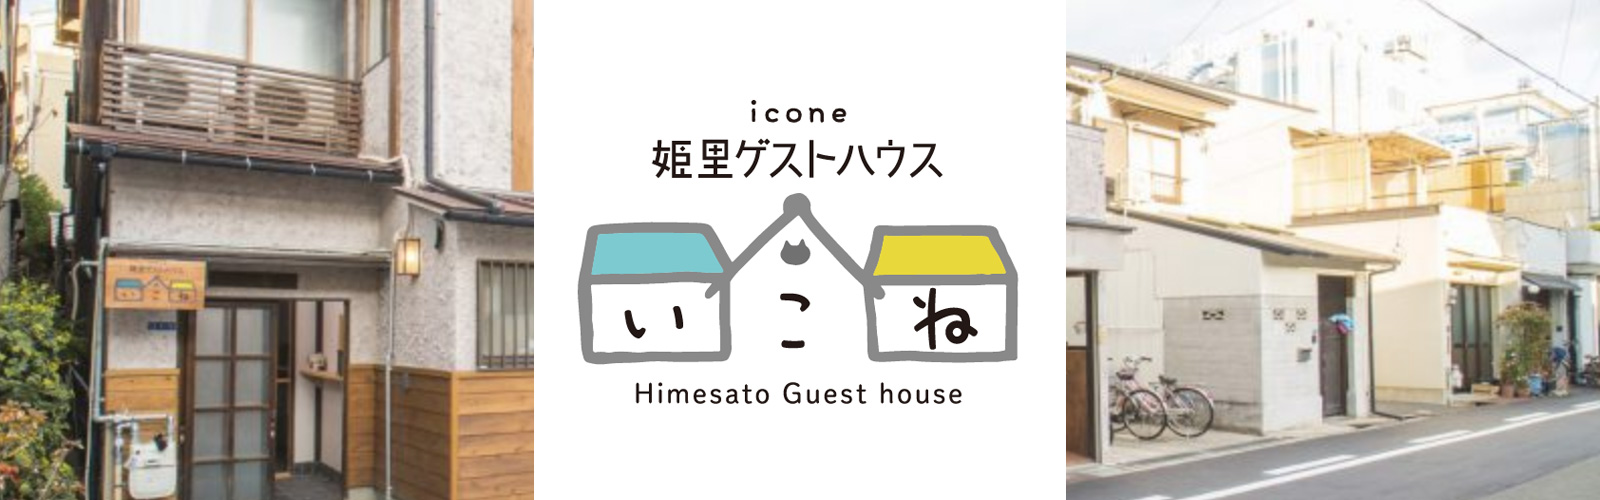 姫里ゲストハウスいこね(大阪・姫島)